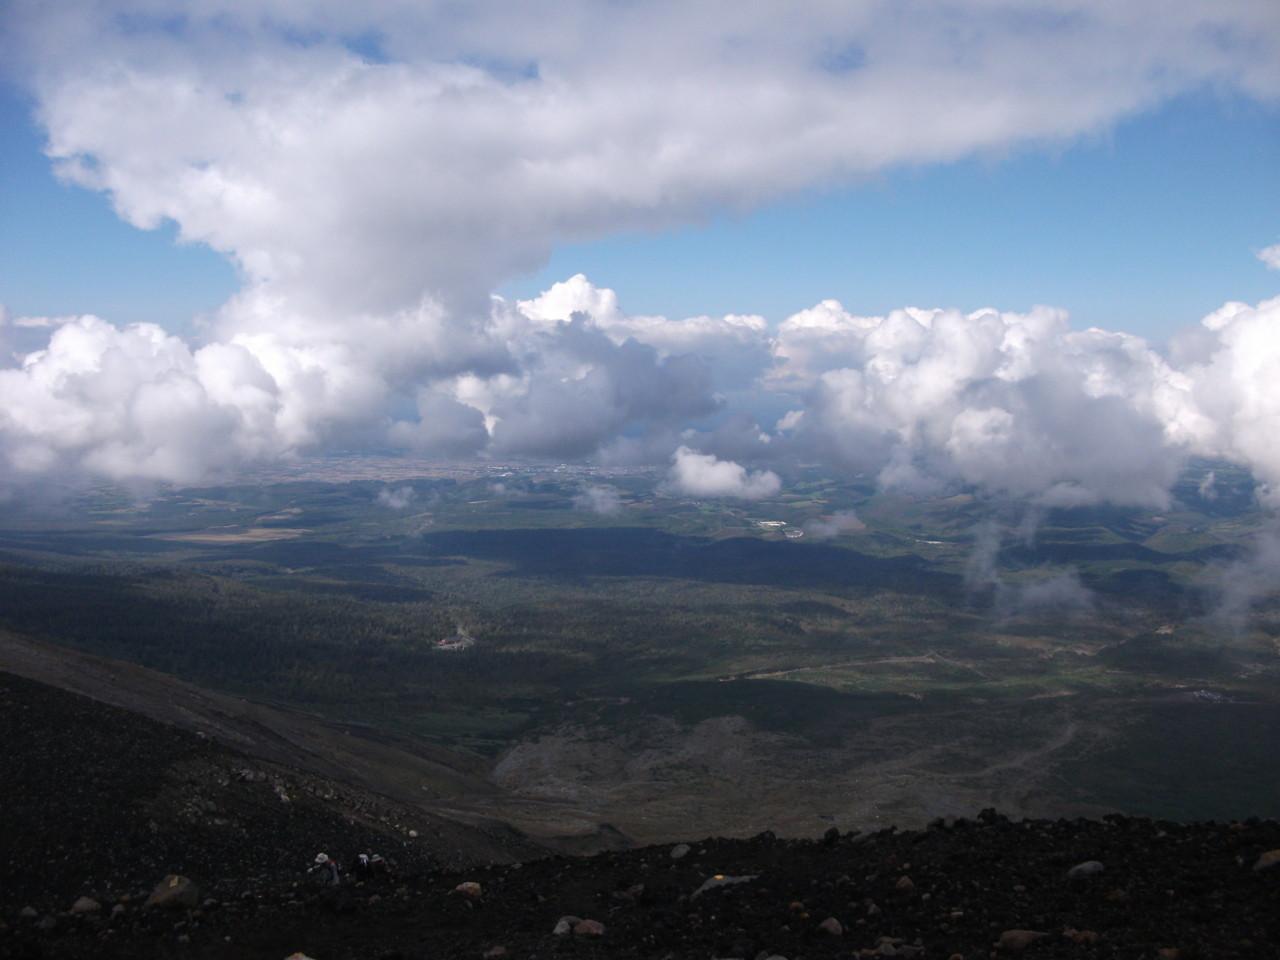 富良野市街に浮かぶ雲